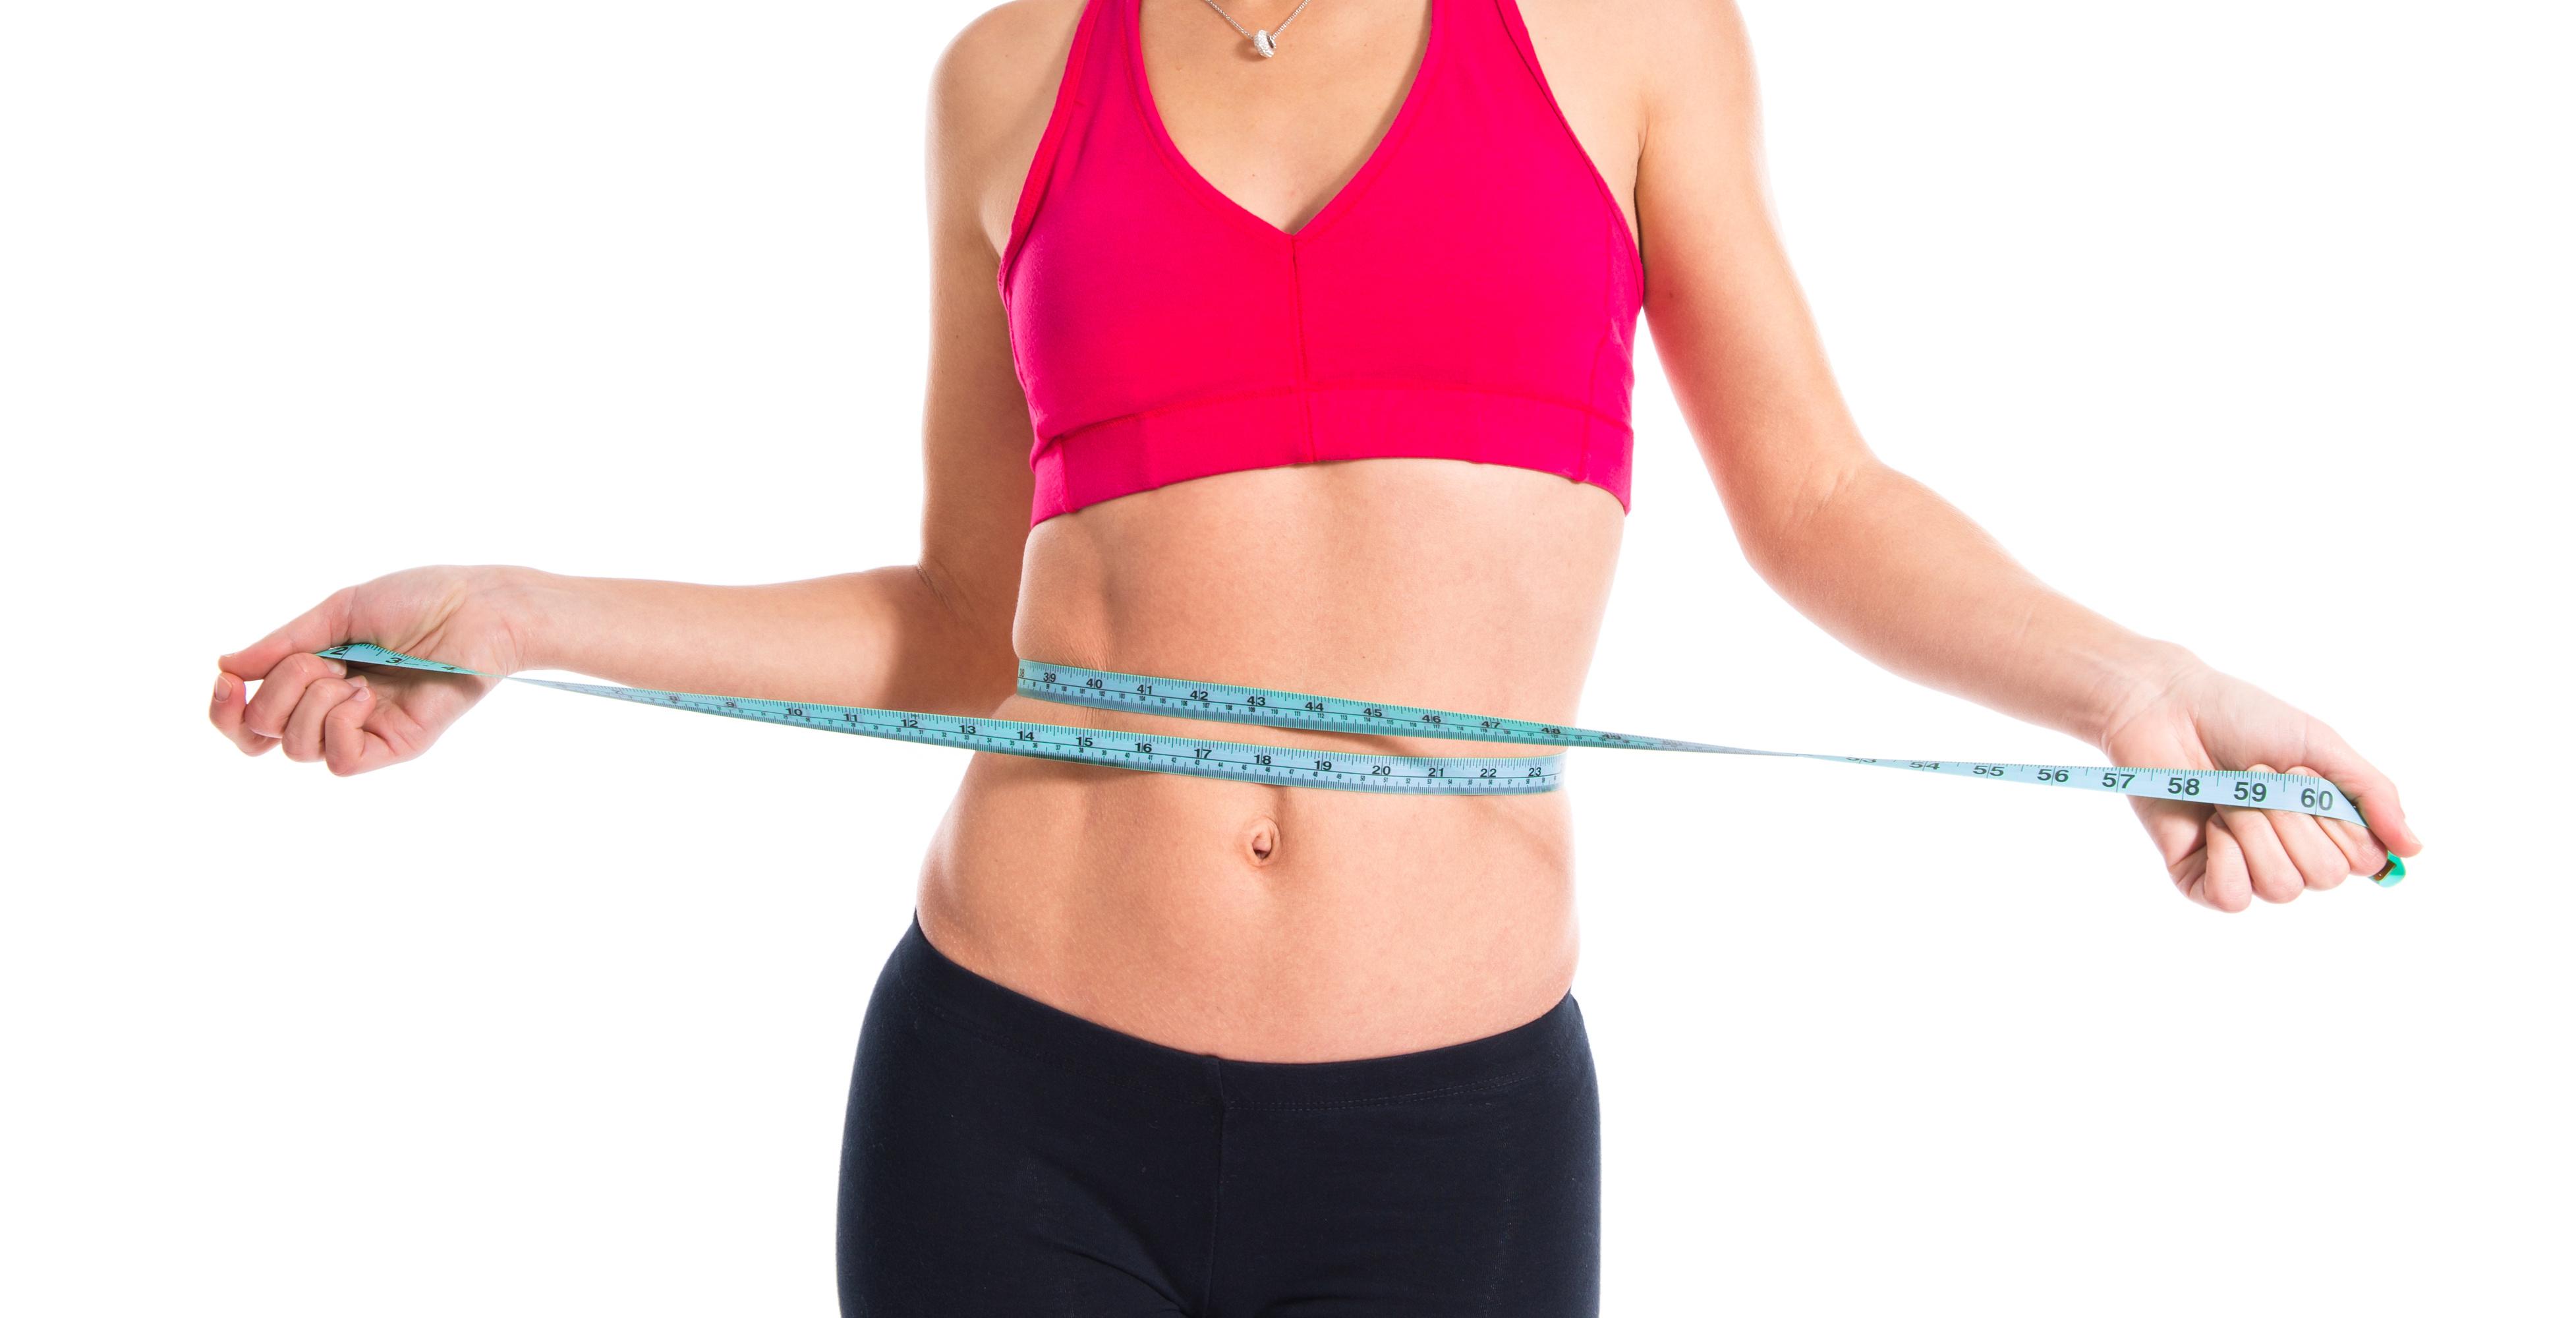 Les 10 règles d'or pour perdre du poids